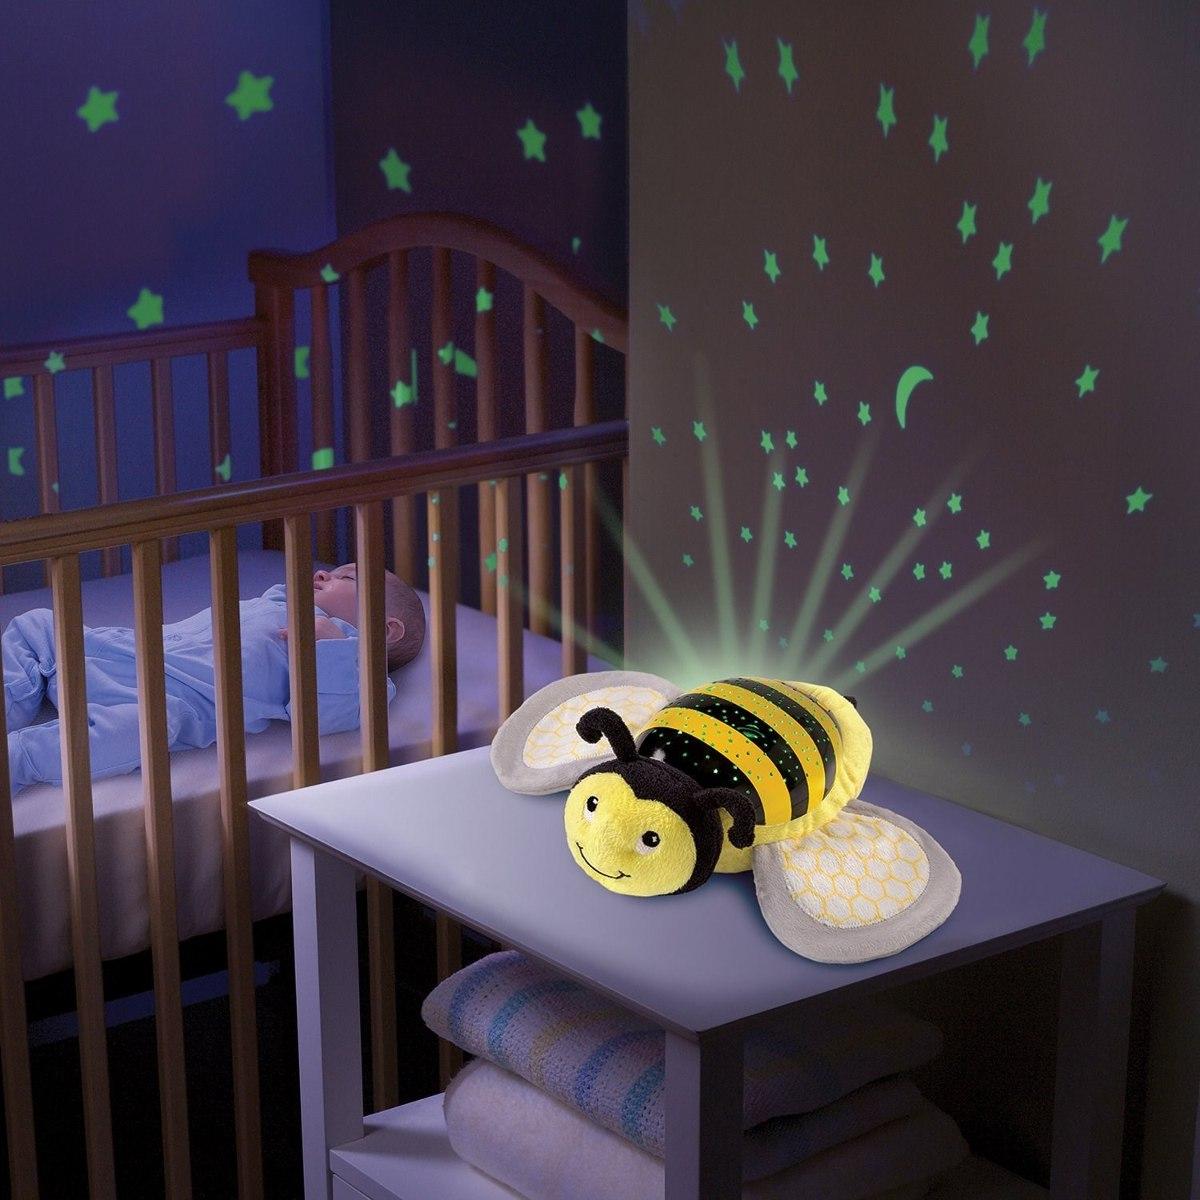 Lampara proyector para bebe con musica sumer infant abeja - Iluminacion para bebes ...